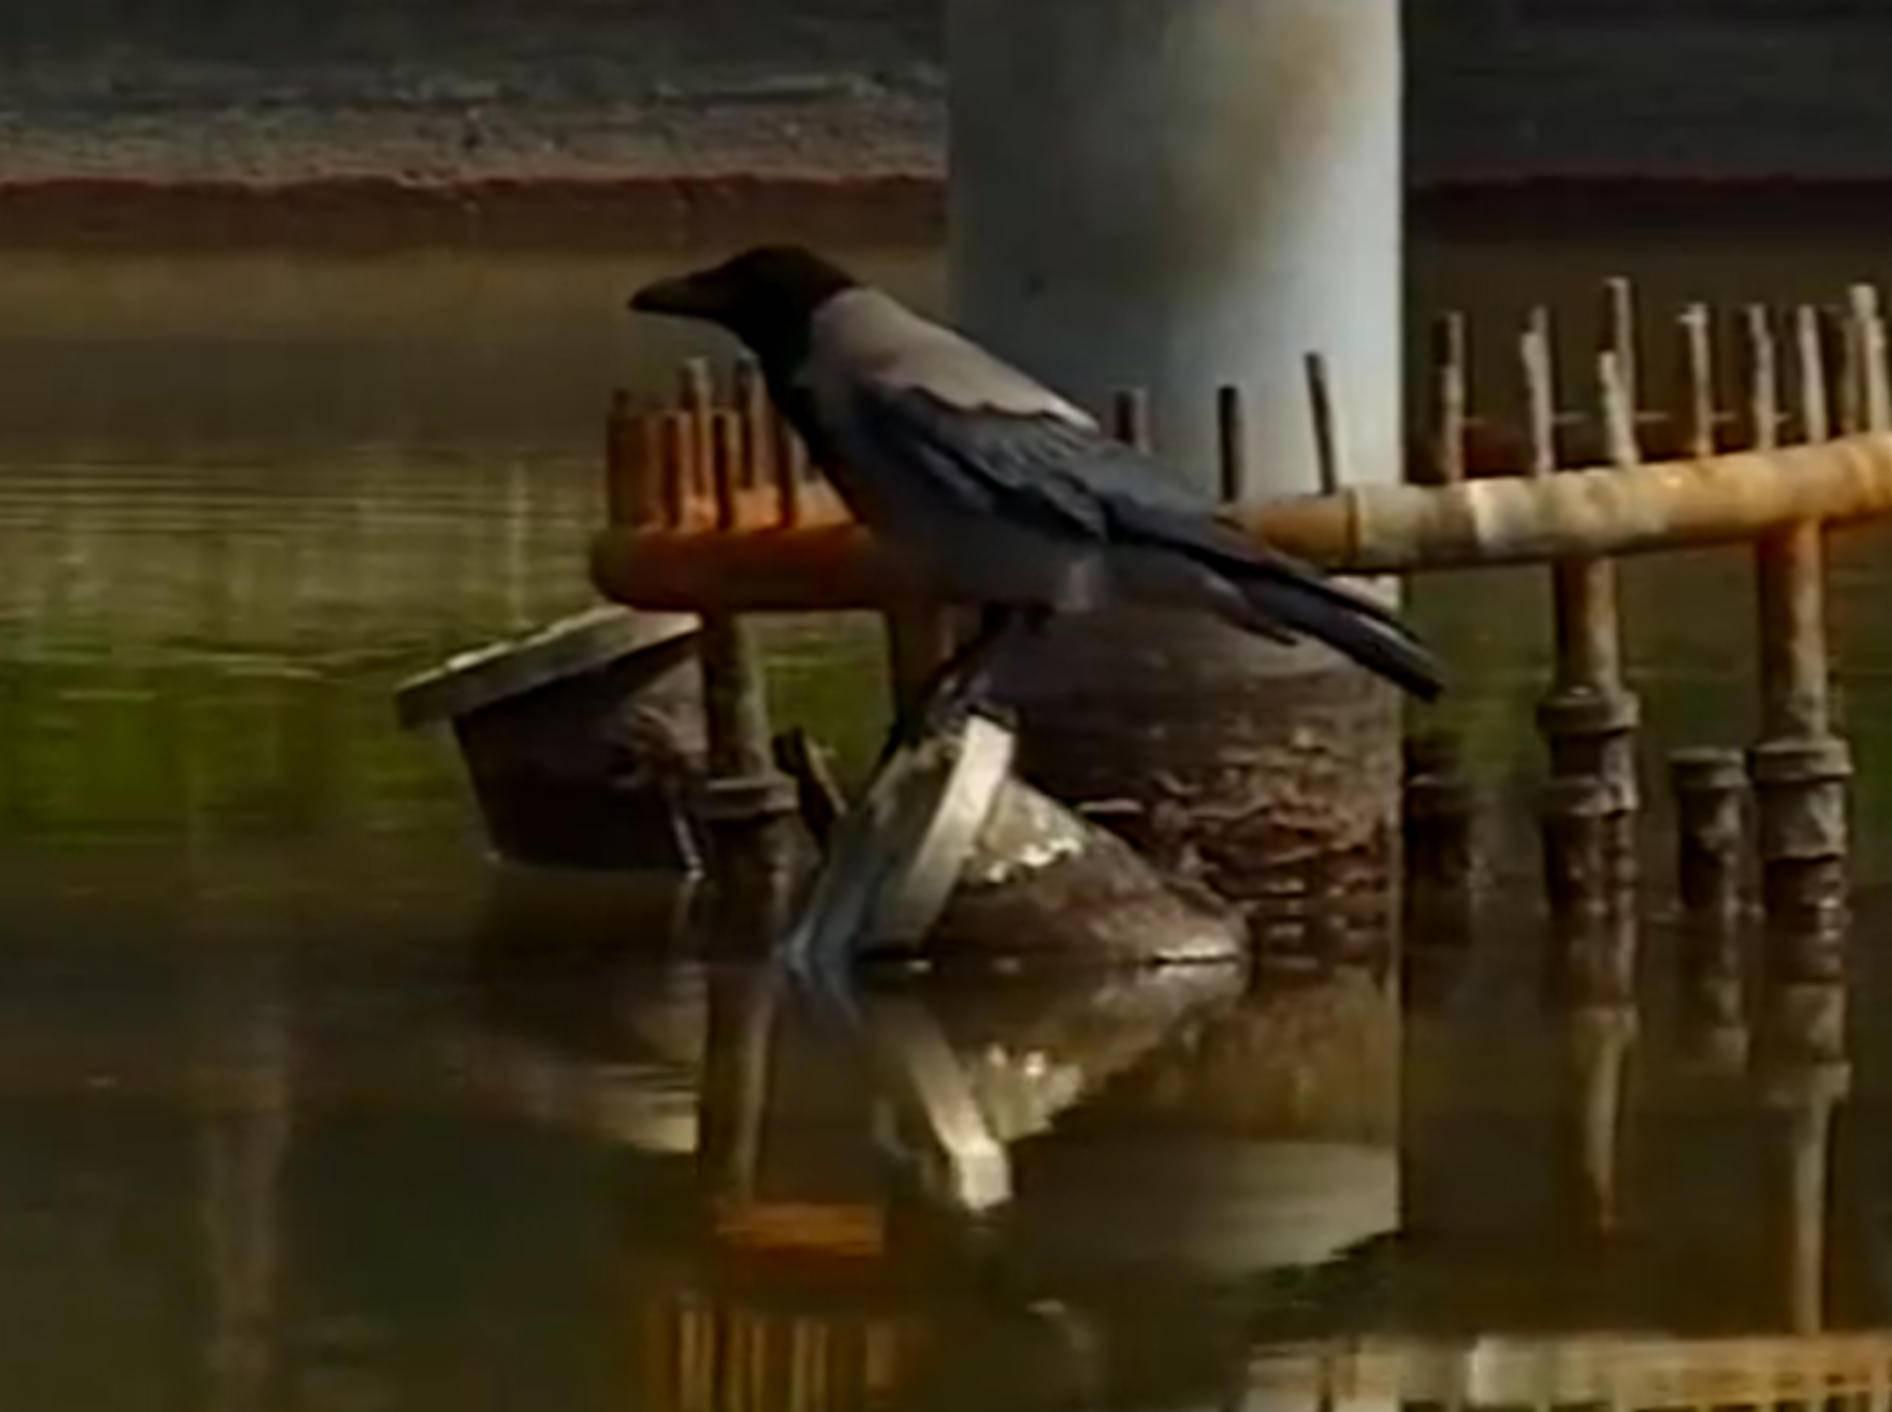 Ausgebuffte Nebelkrähe angelt Fisch mit einem Köder – YouTube / Oren Hasson